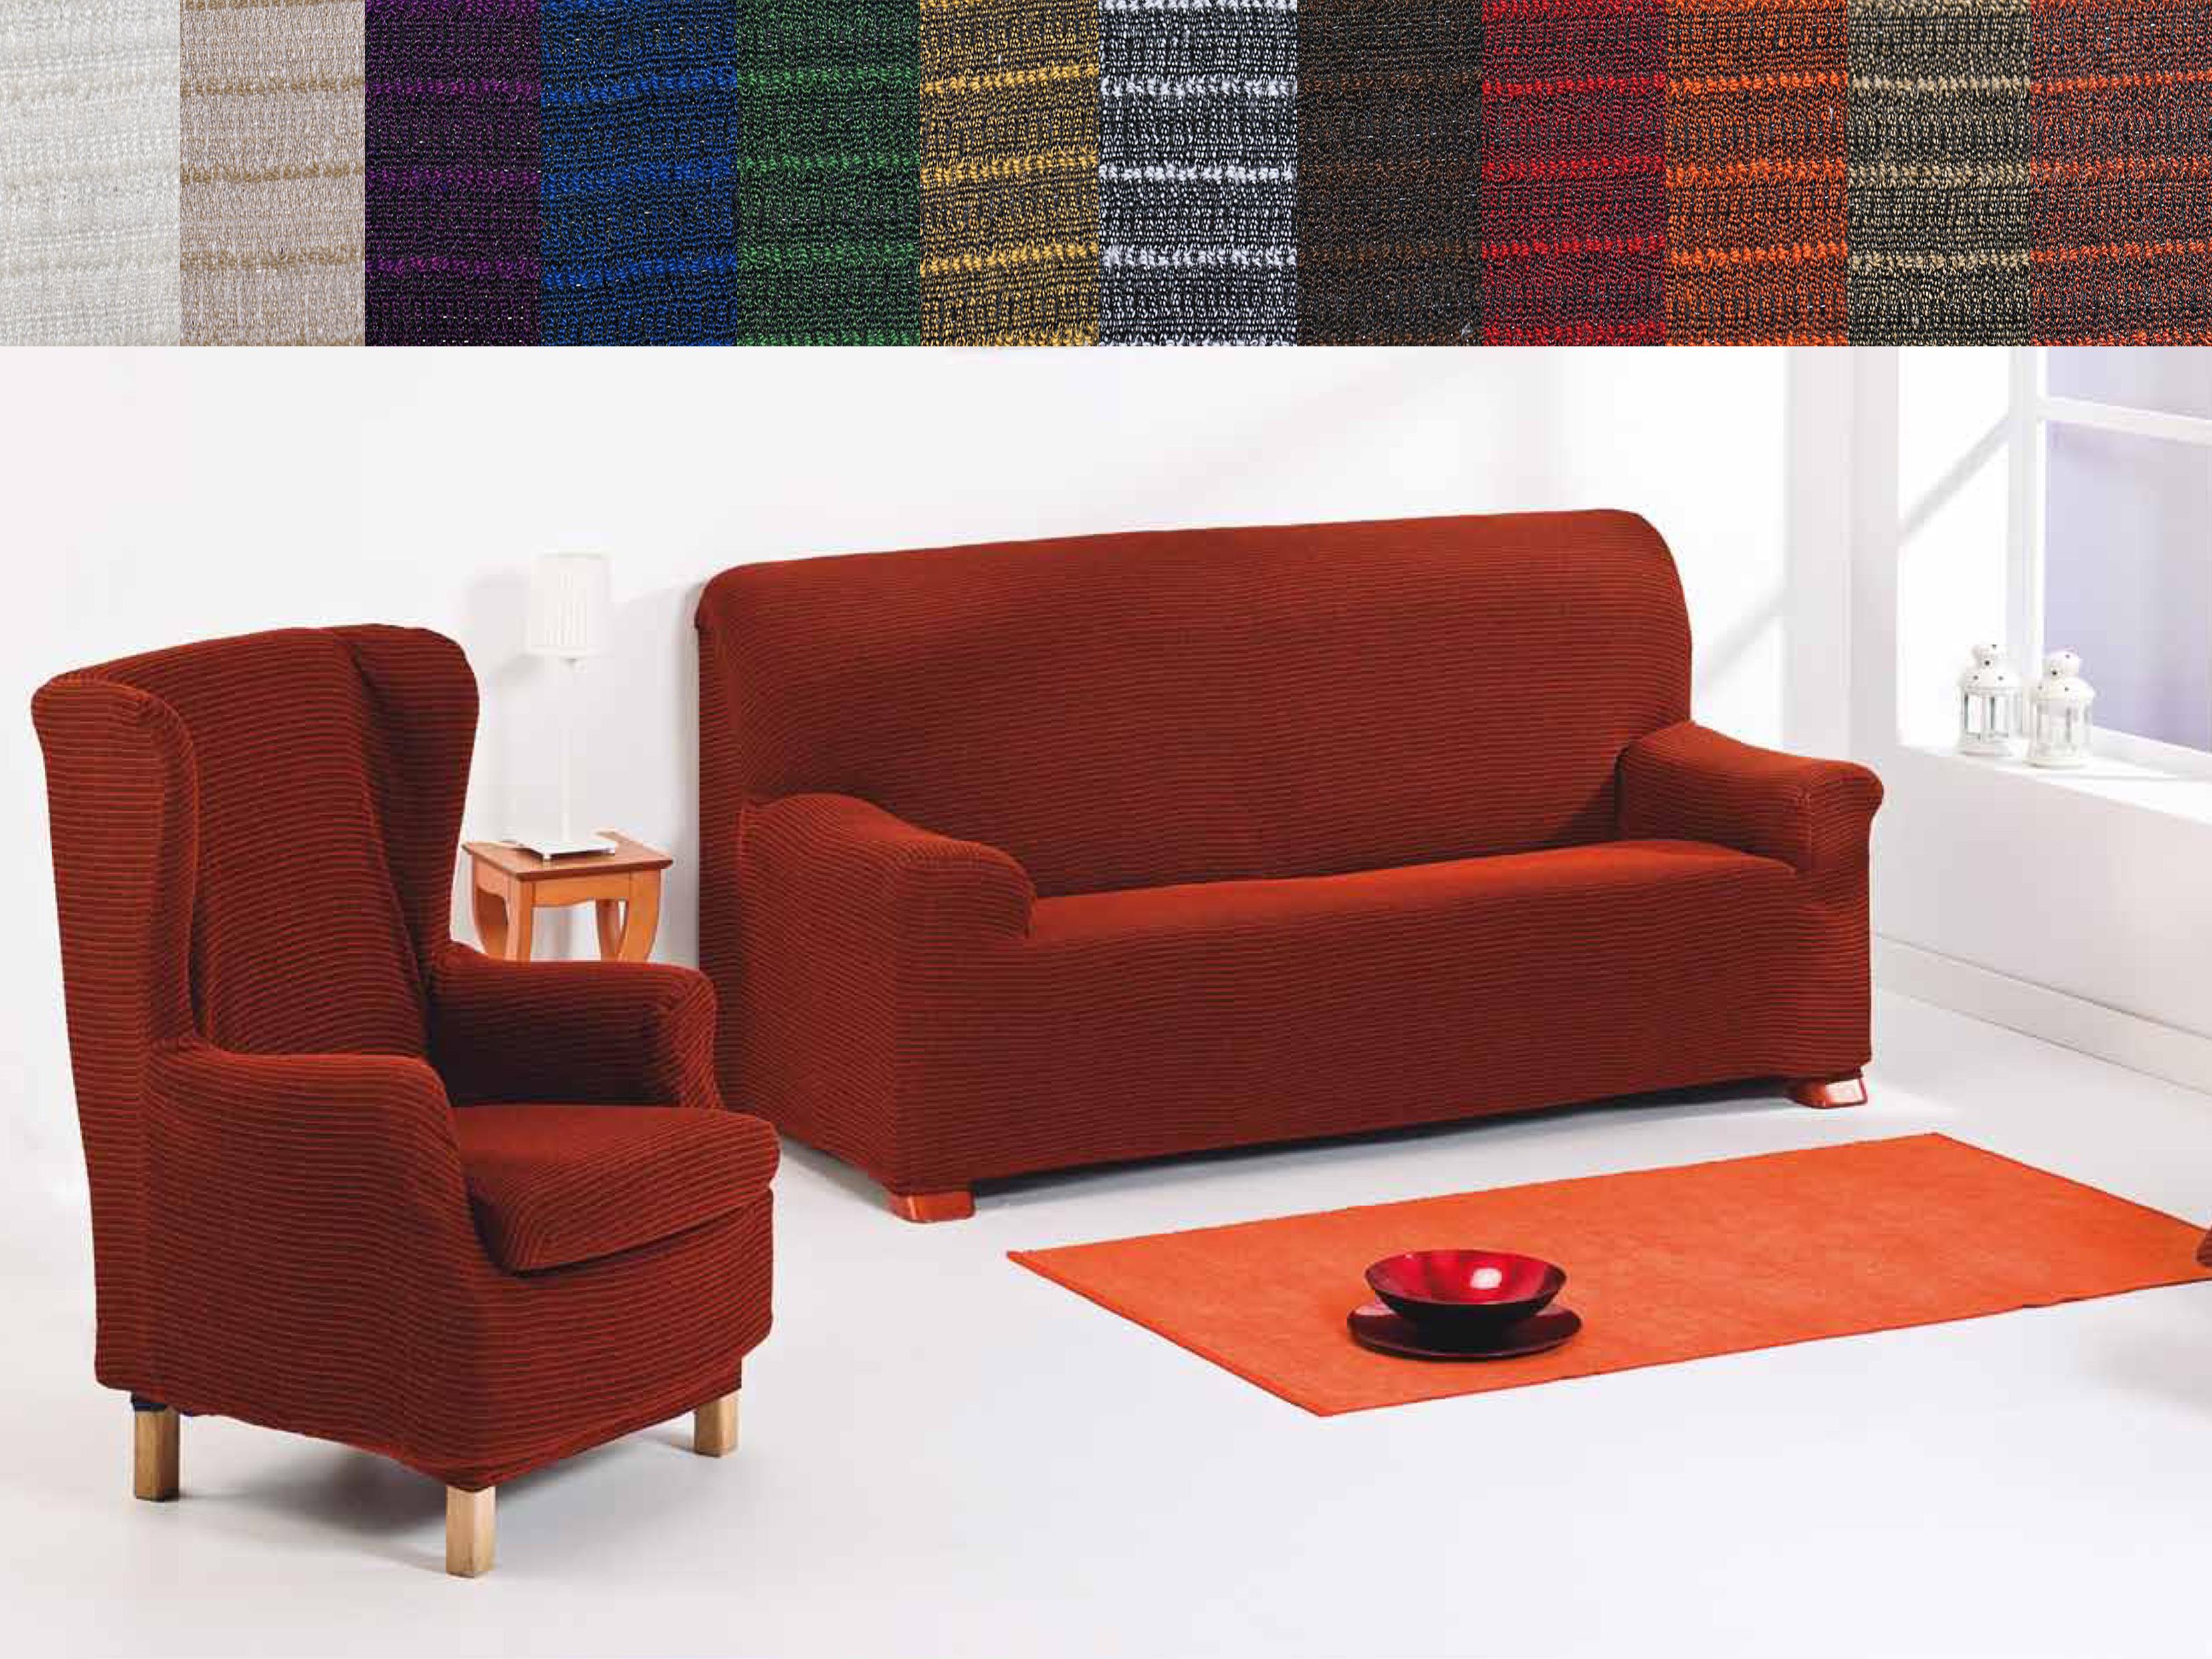 Casas cocinas mueble fundas universales para sofas - Fundas universales para sofas ...